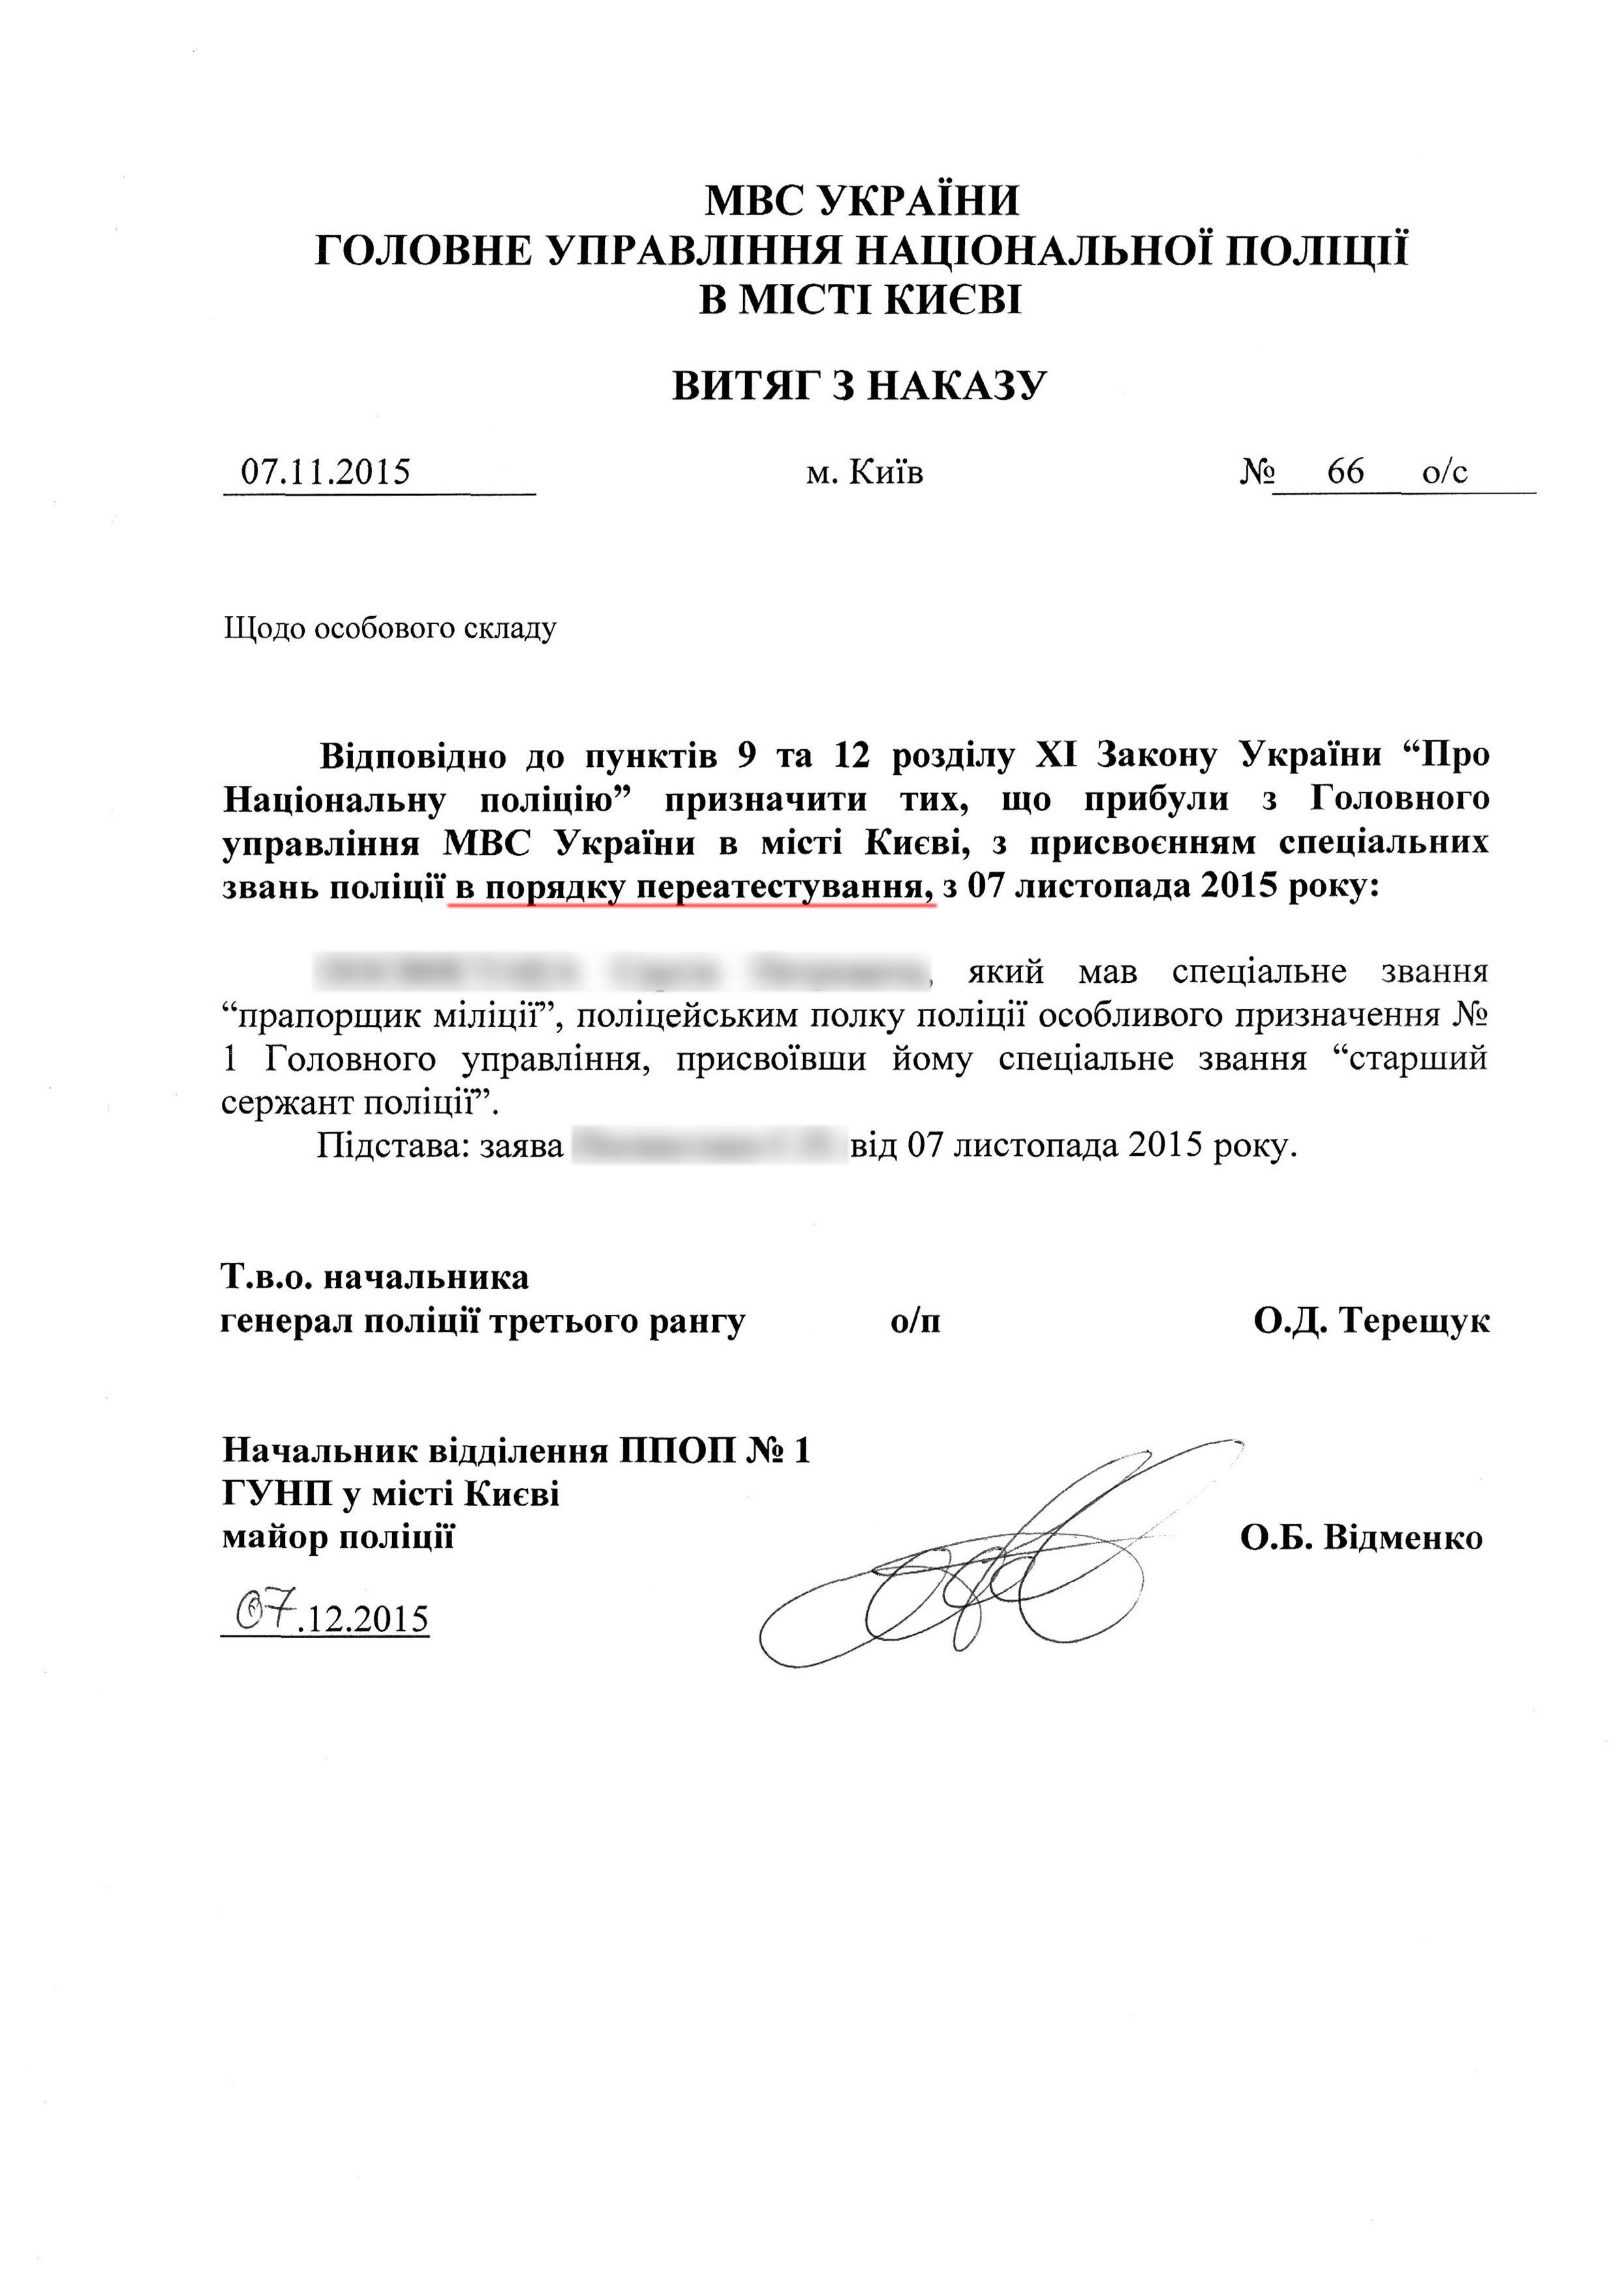 ГПУ оприлюднила накази про переатестацію екс-беркутівців до лав Нацполіції (ДОКУМЕНТИ) - фото 3